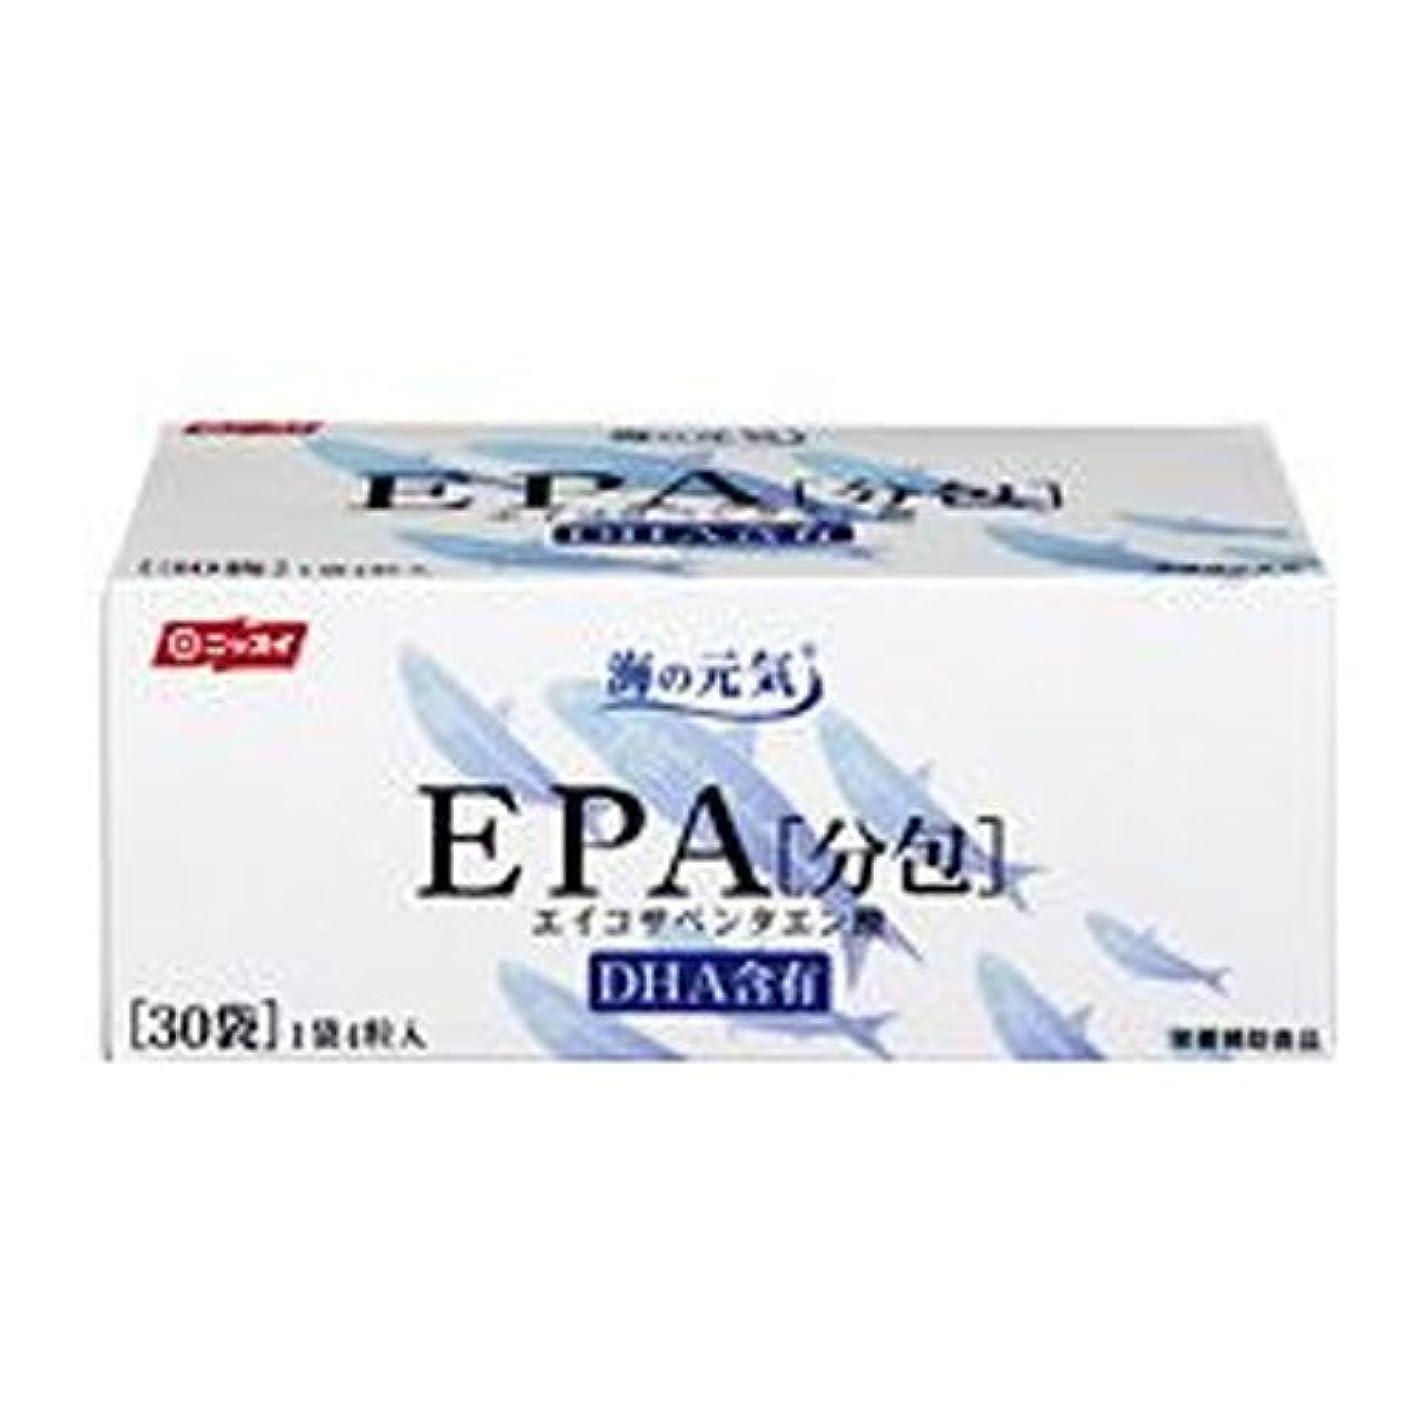 バラエティ絶対の小切手ニッスイ 海の元気 EPA 分包30包 EPA サプリメント(DHA含有)